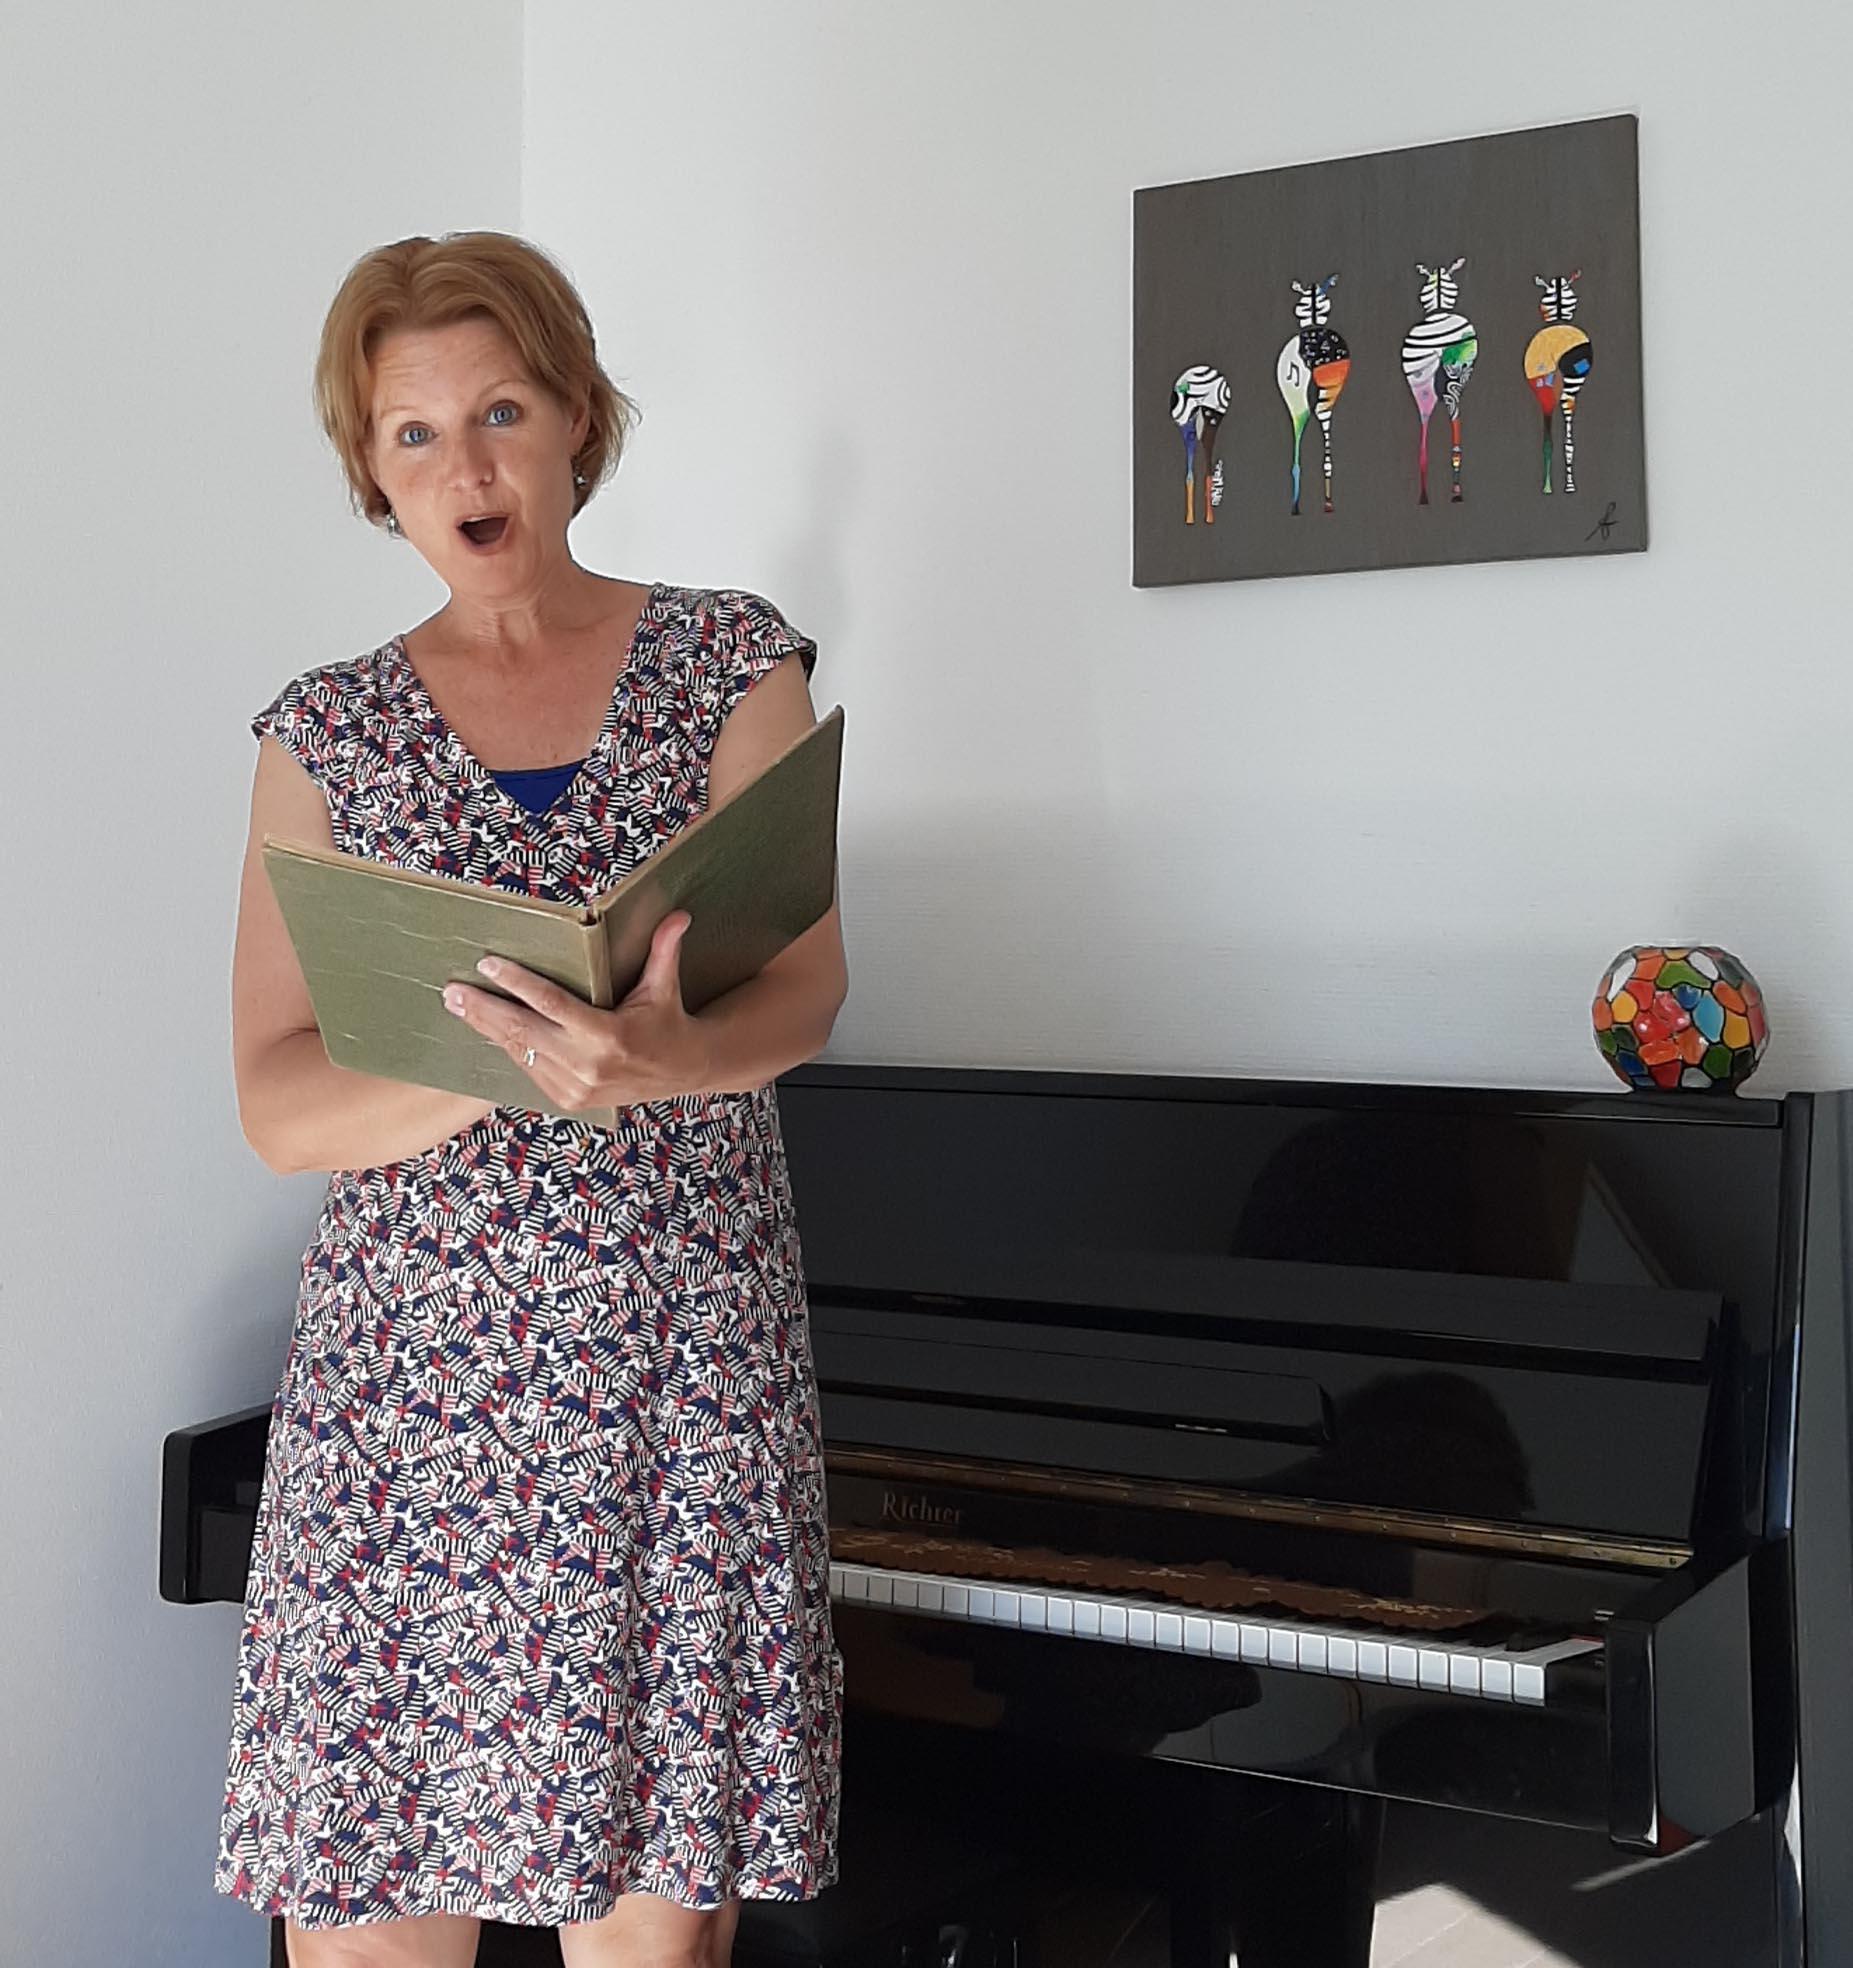 #ThuisbijCV sopraan Claudia Wijers